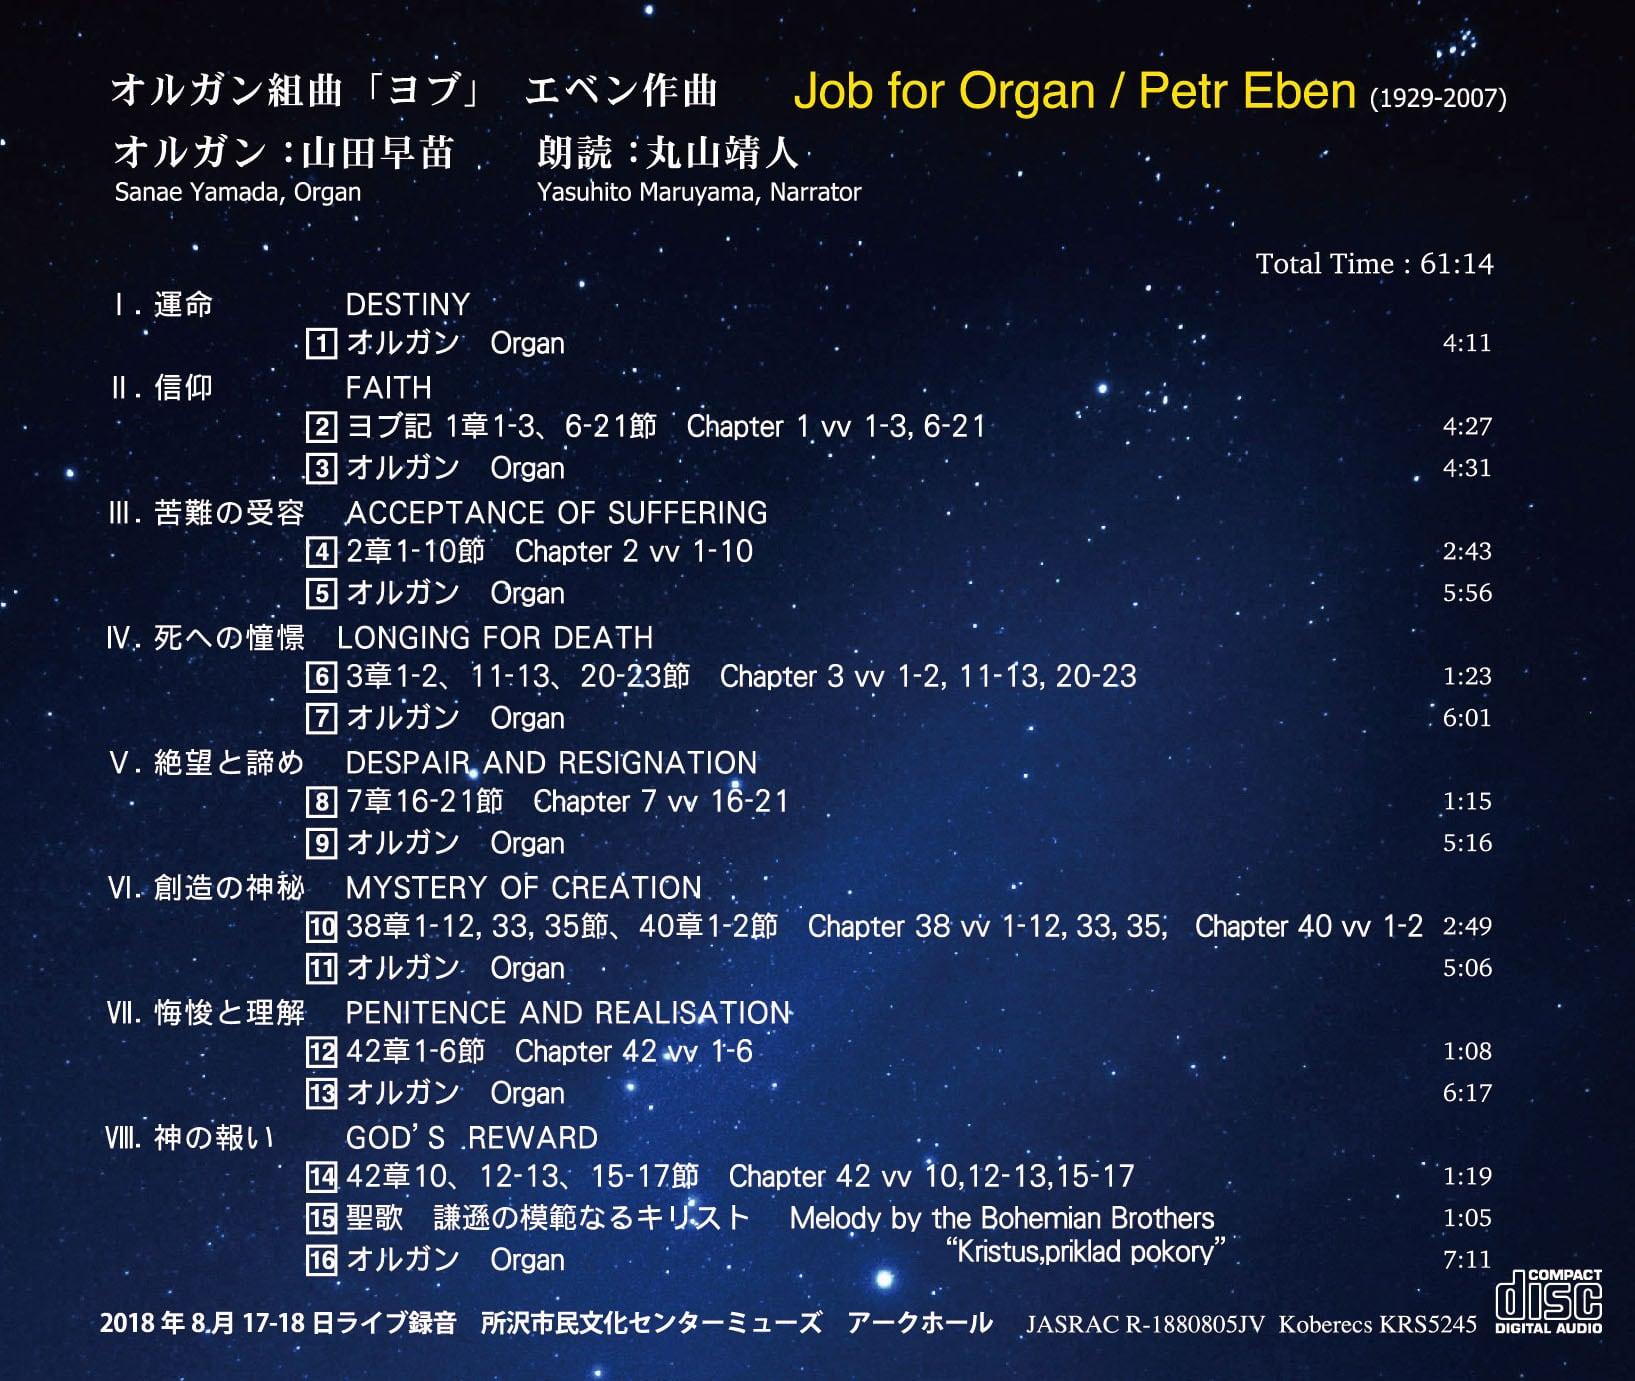 オルガン組曲「ヨブ」ペトル・エベン(1929-2007) 山田早苗 オルガン